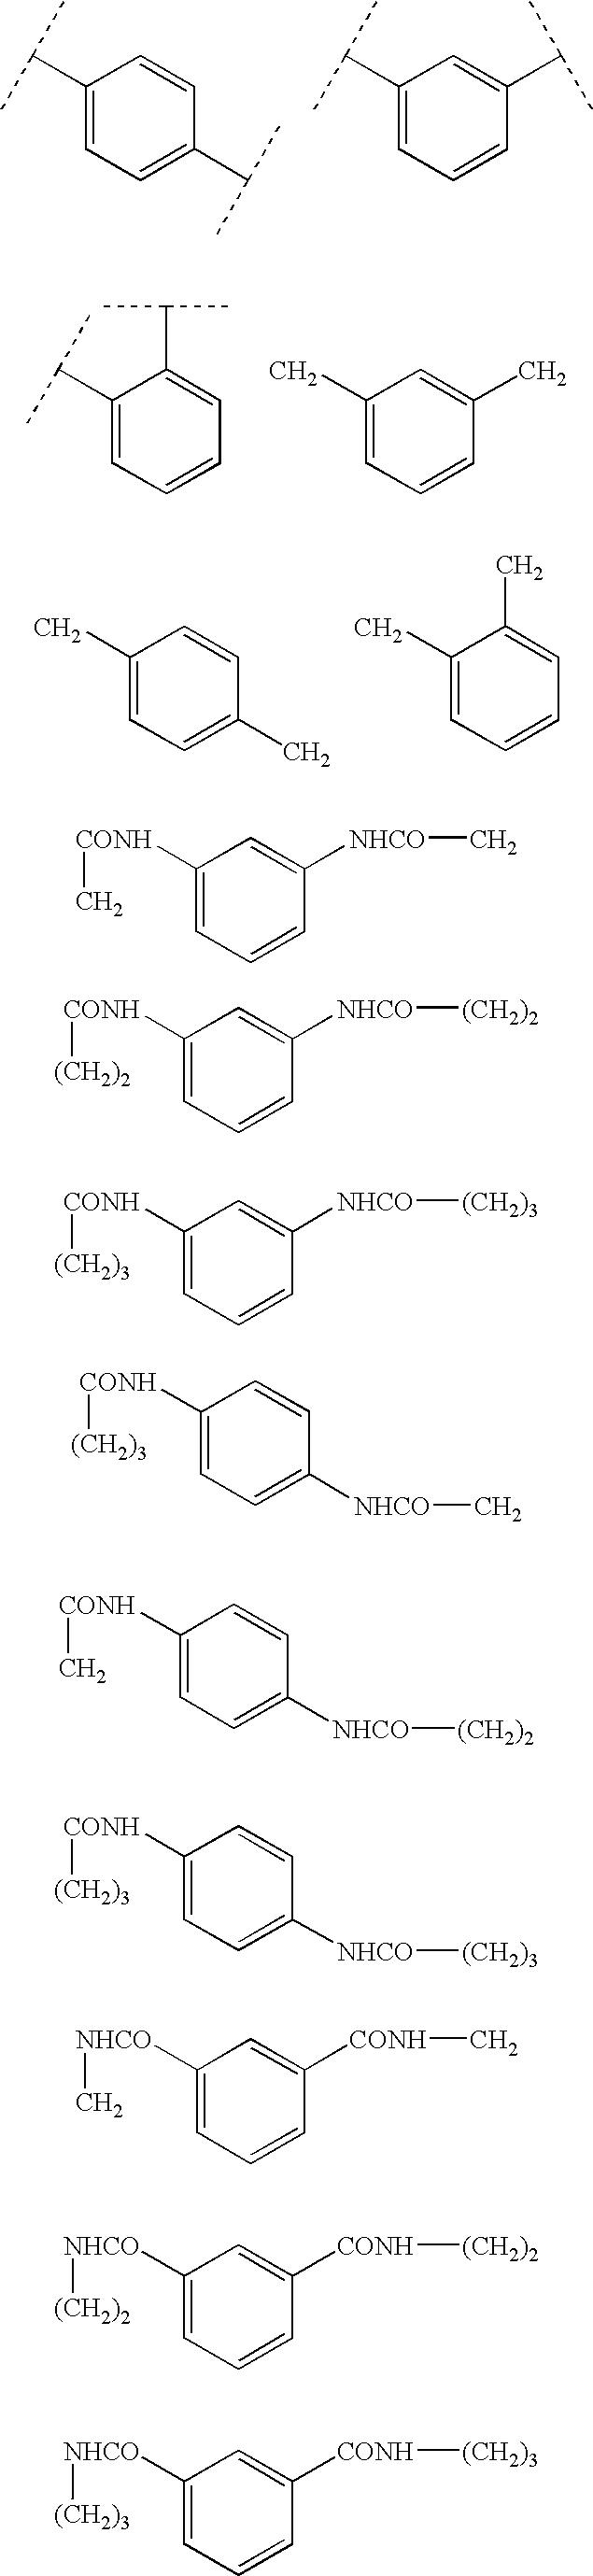 Figure US07195650-20070327-C00008